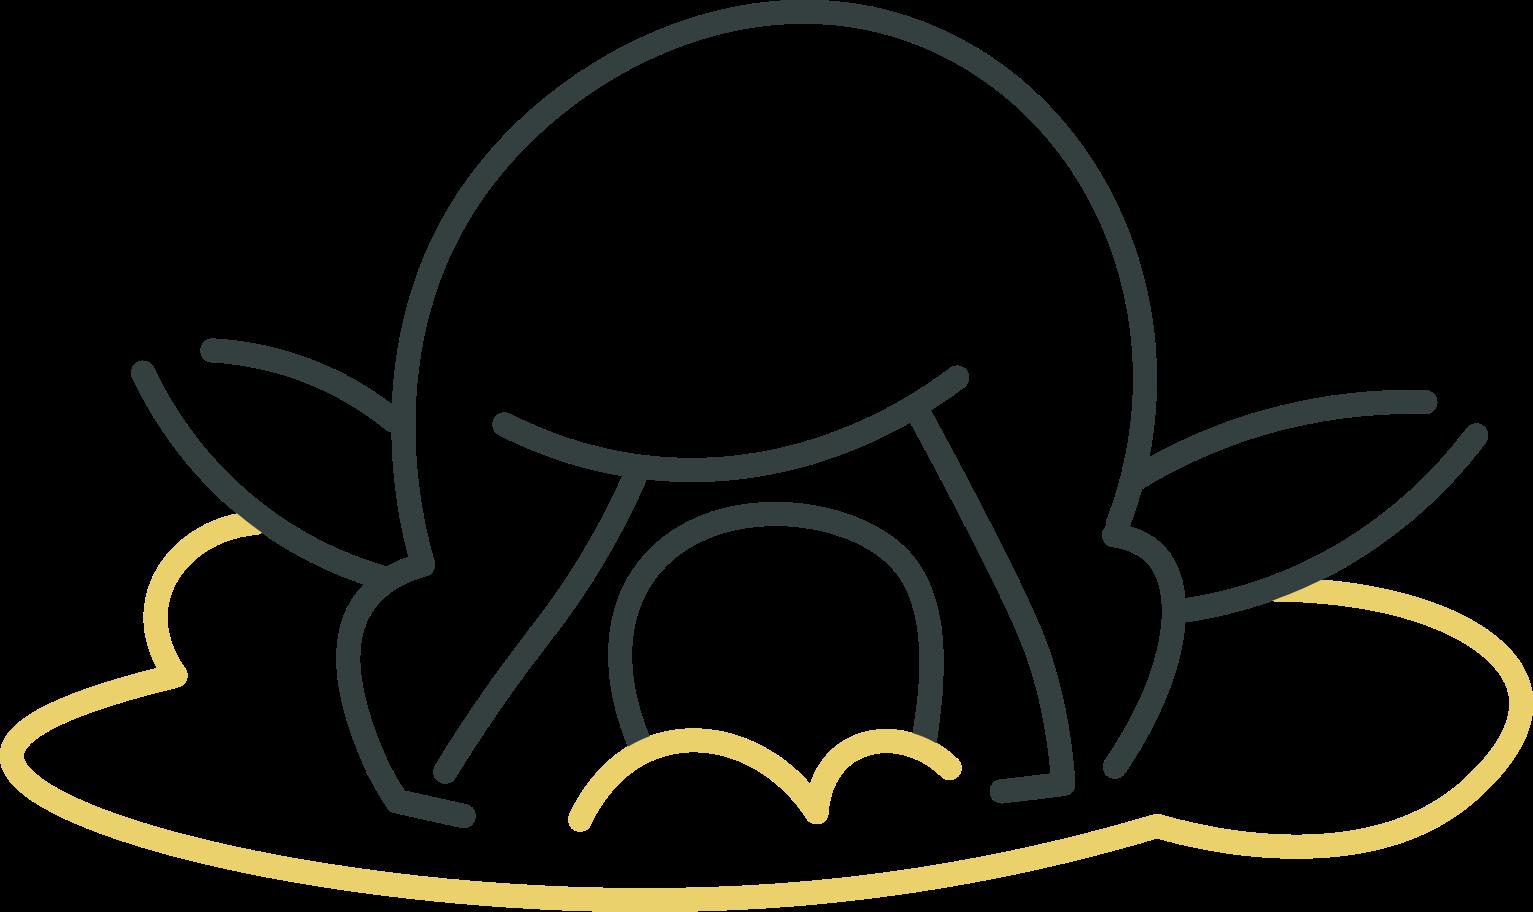 Baby spielen Clipart-Grafik als PNG, SVG